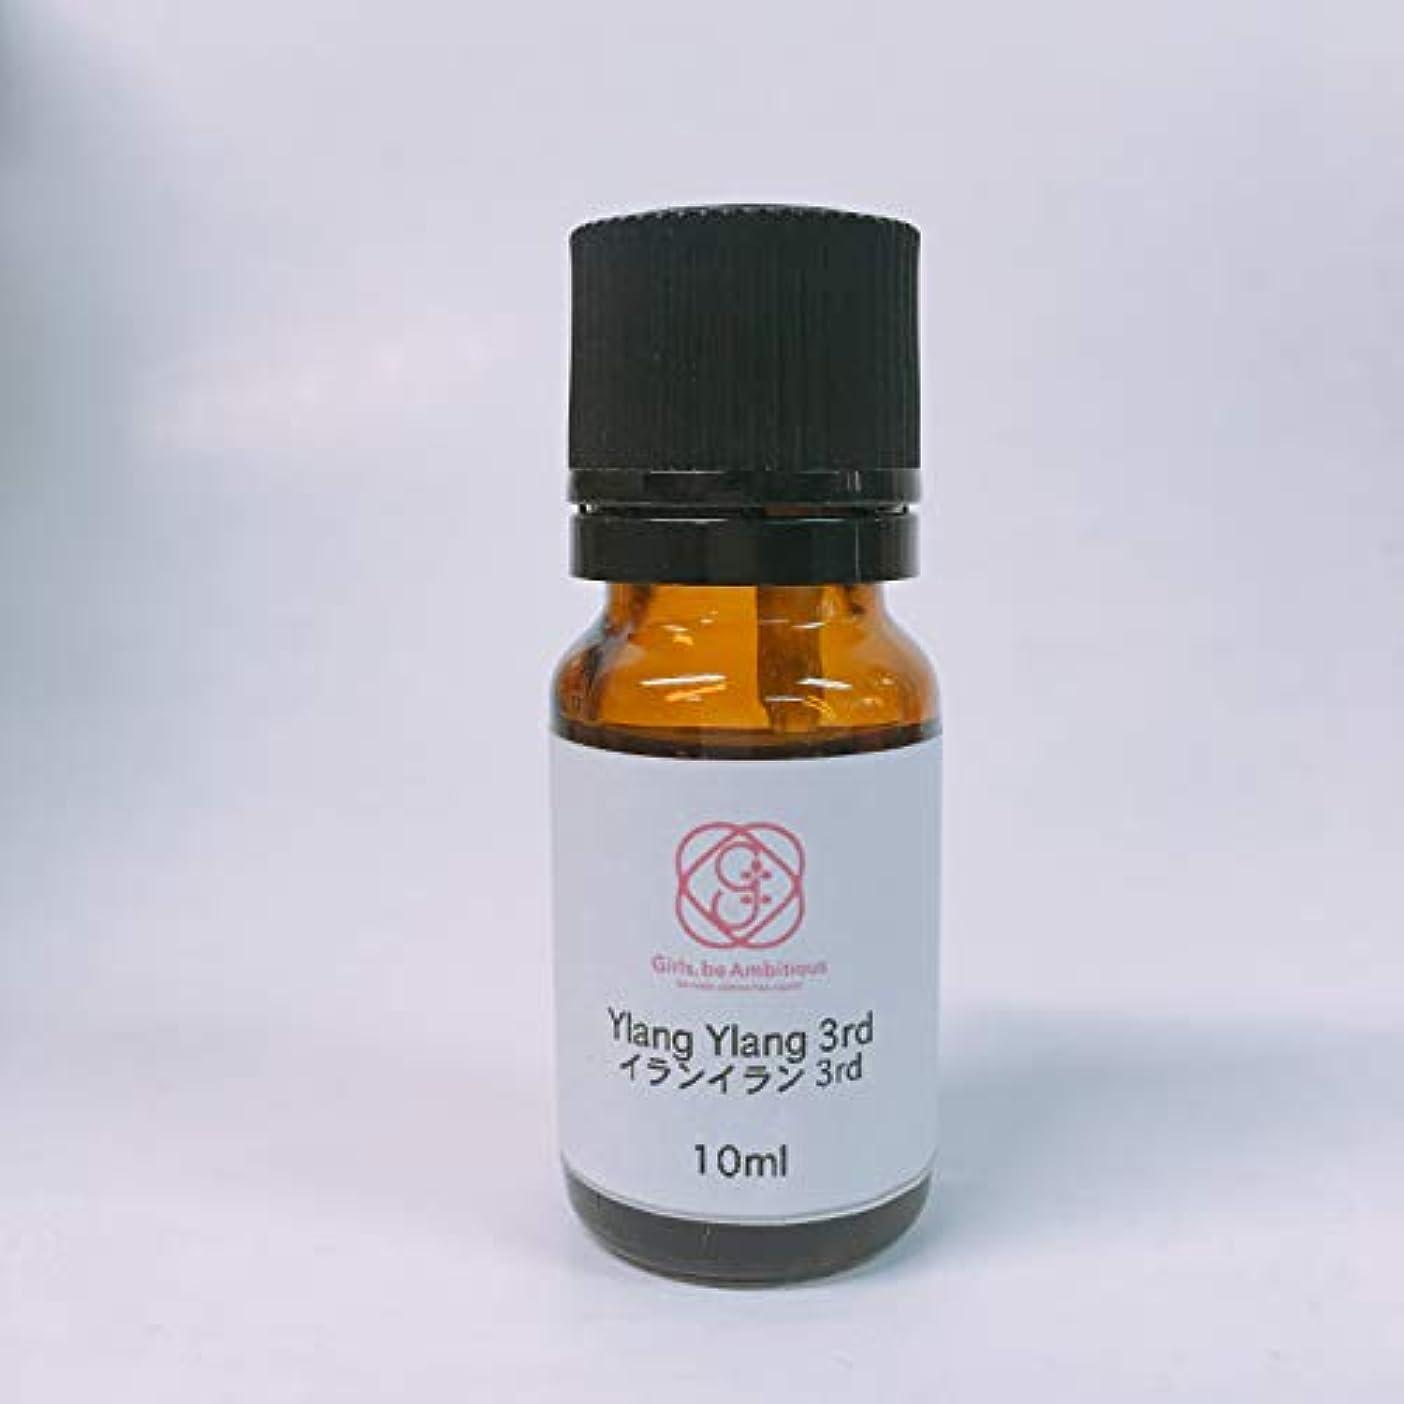 扇動するボトル分数イランイラン(Ylang Ylang)3rd 10ml